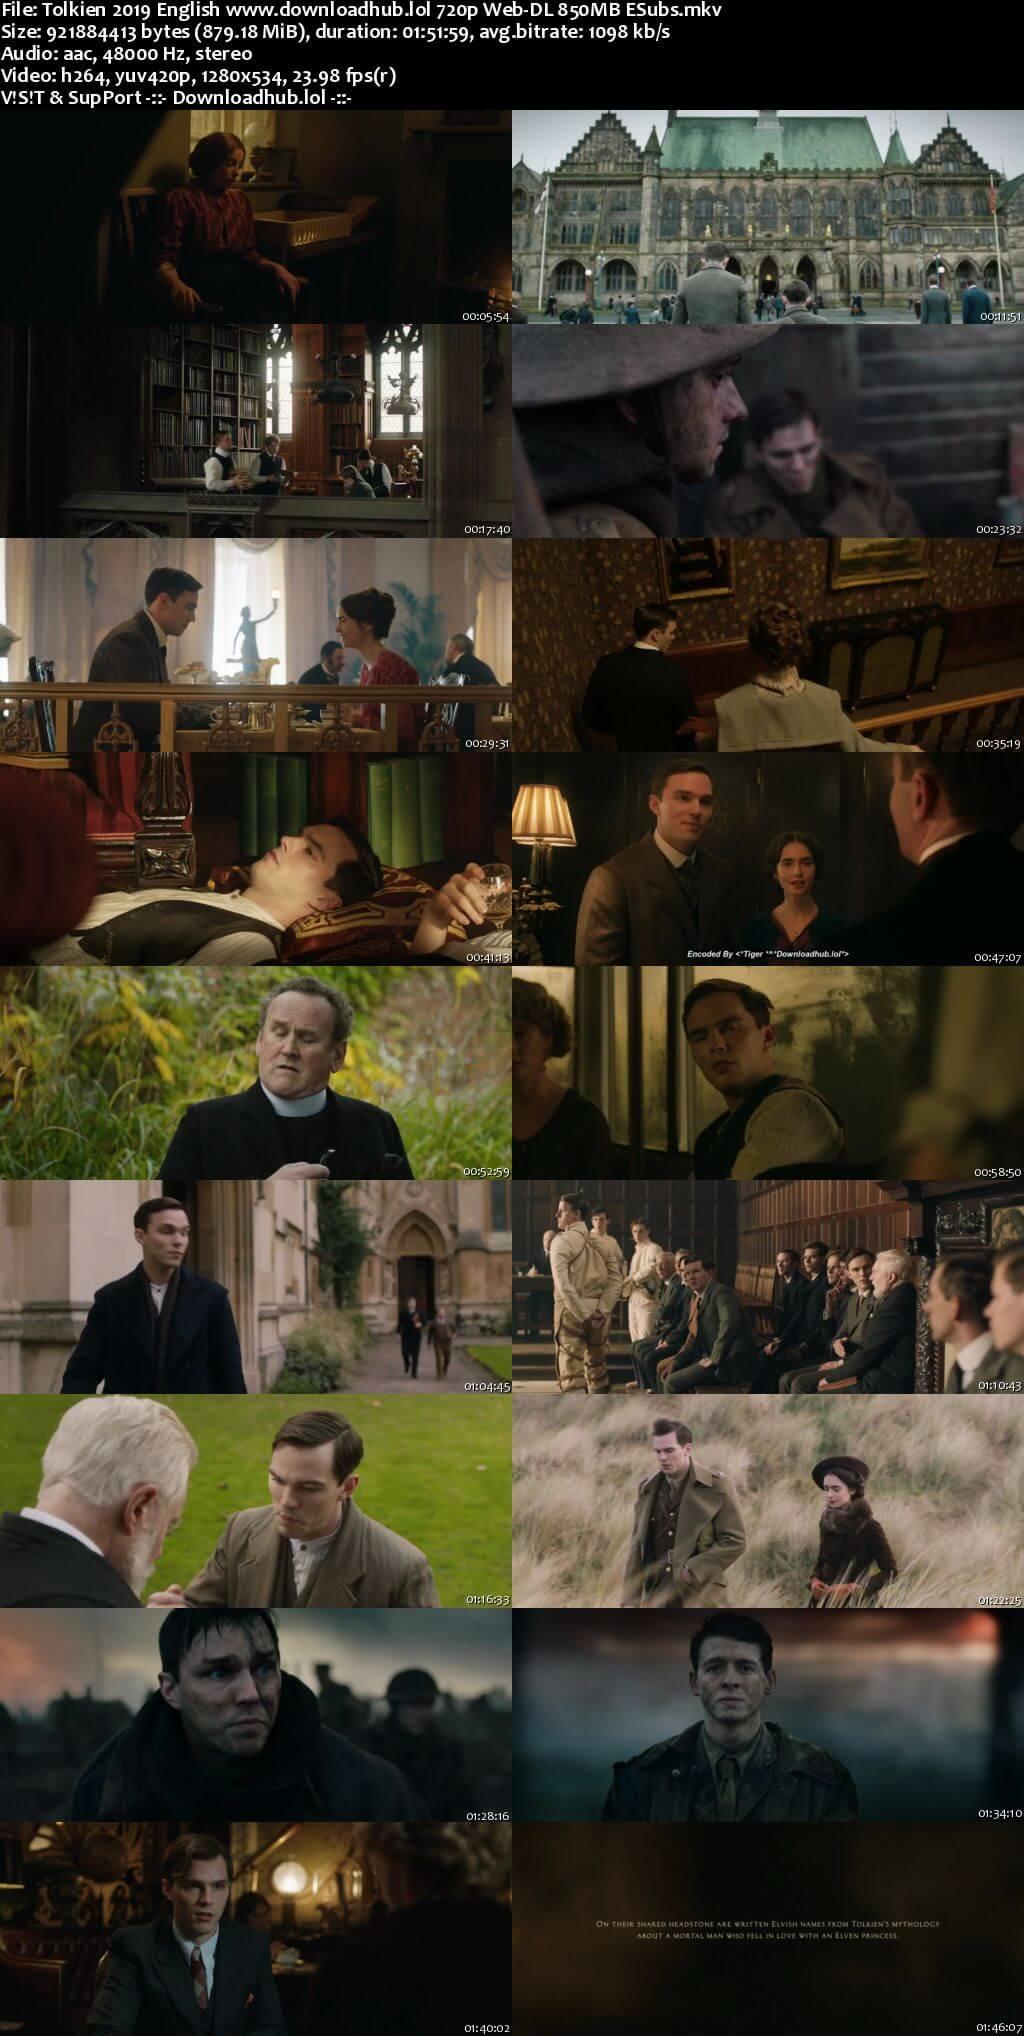 Tolkien 2019 English 720p Web-DL 850MB ESubs